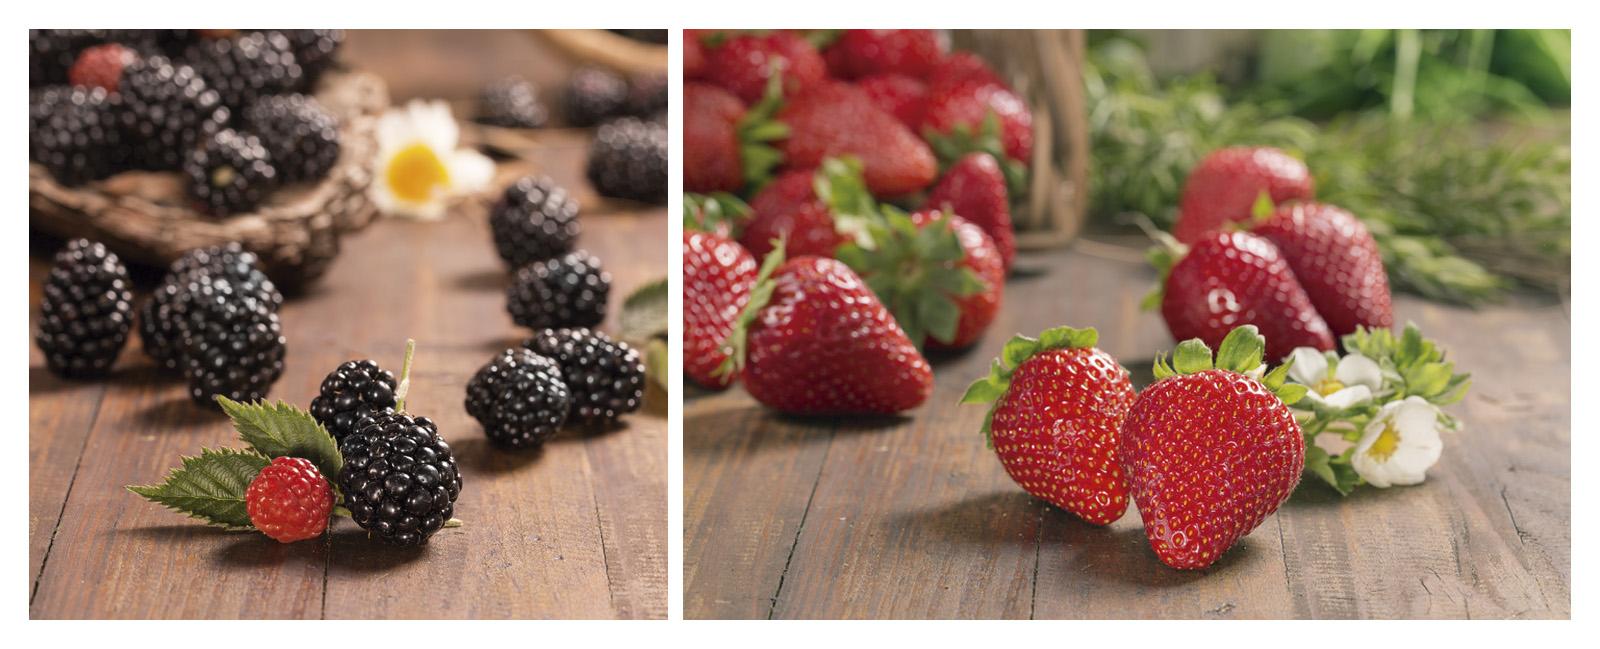 bionest-bodegones-frutos-rojos-rk-estudio